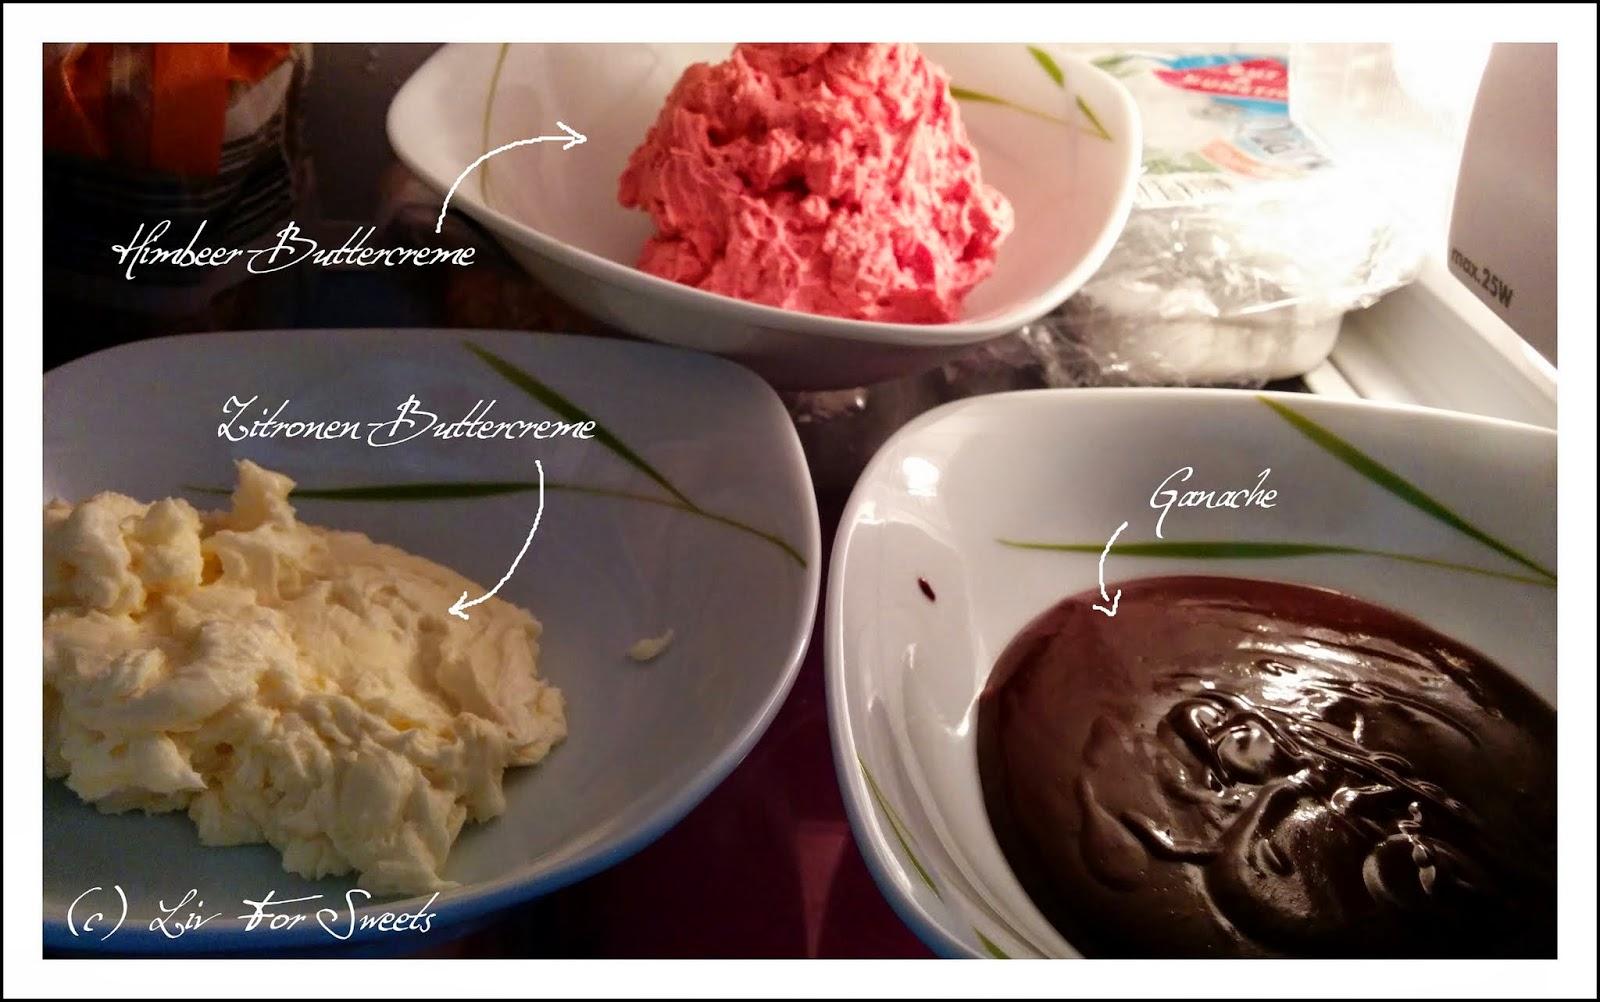 Füllung für die Macarons, Himbeer-Buttercreme, Zitronen-Buttercreme und Ganache